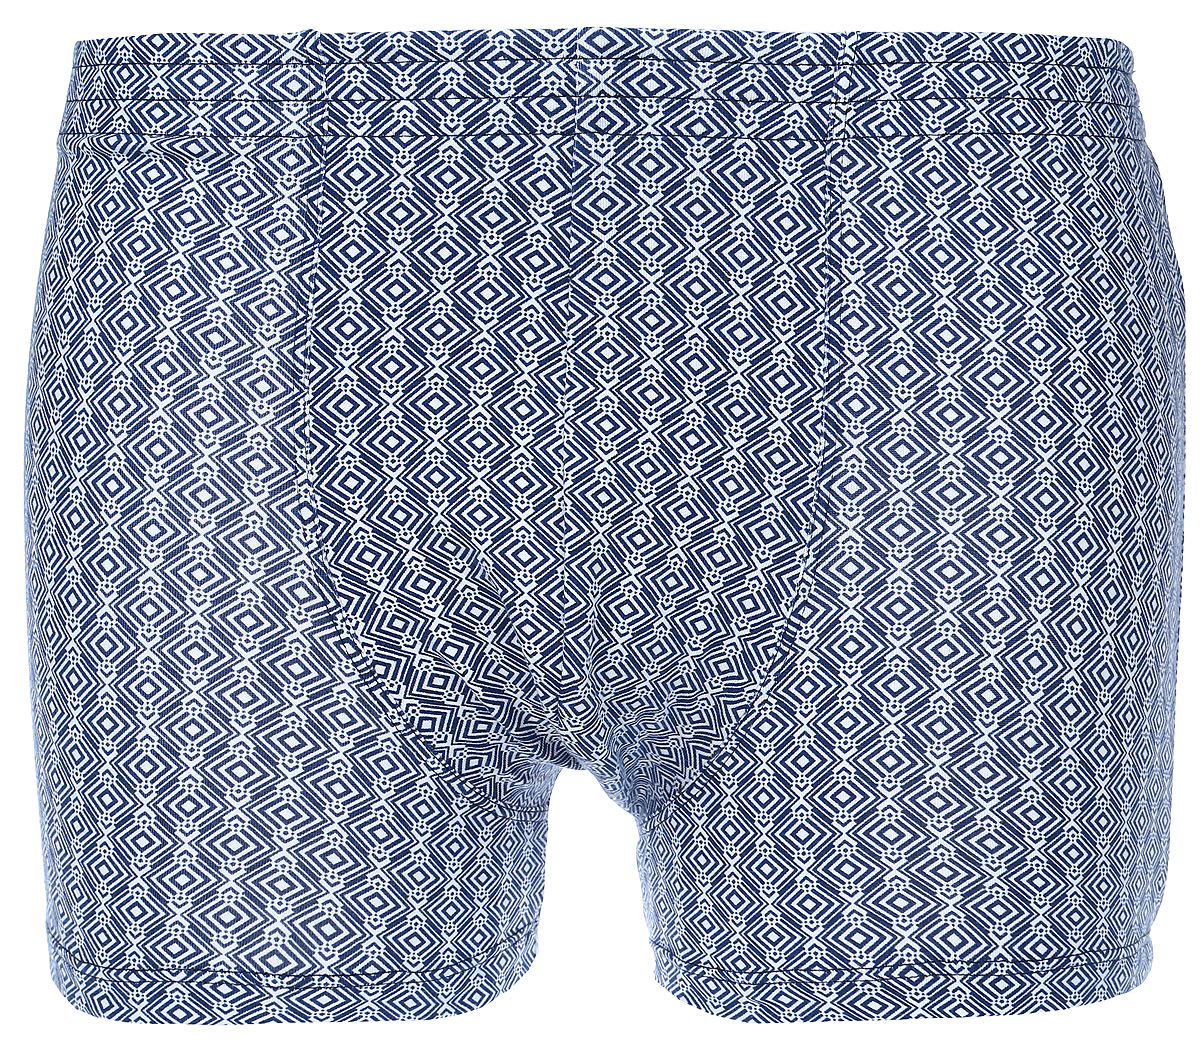 Трусы-боксеры мужские Melado База, цвет: синий. 8100M-40010.2L-075. Размер 56 трусы стринг orhideja цвет синий